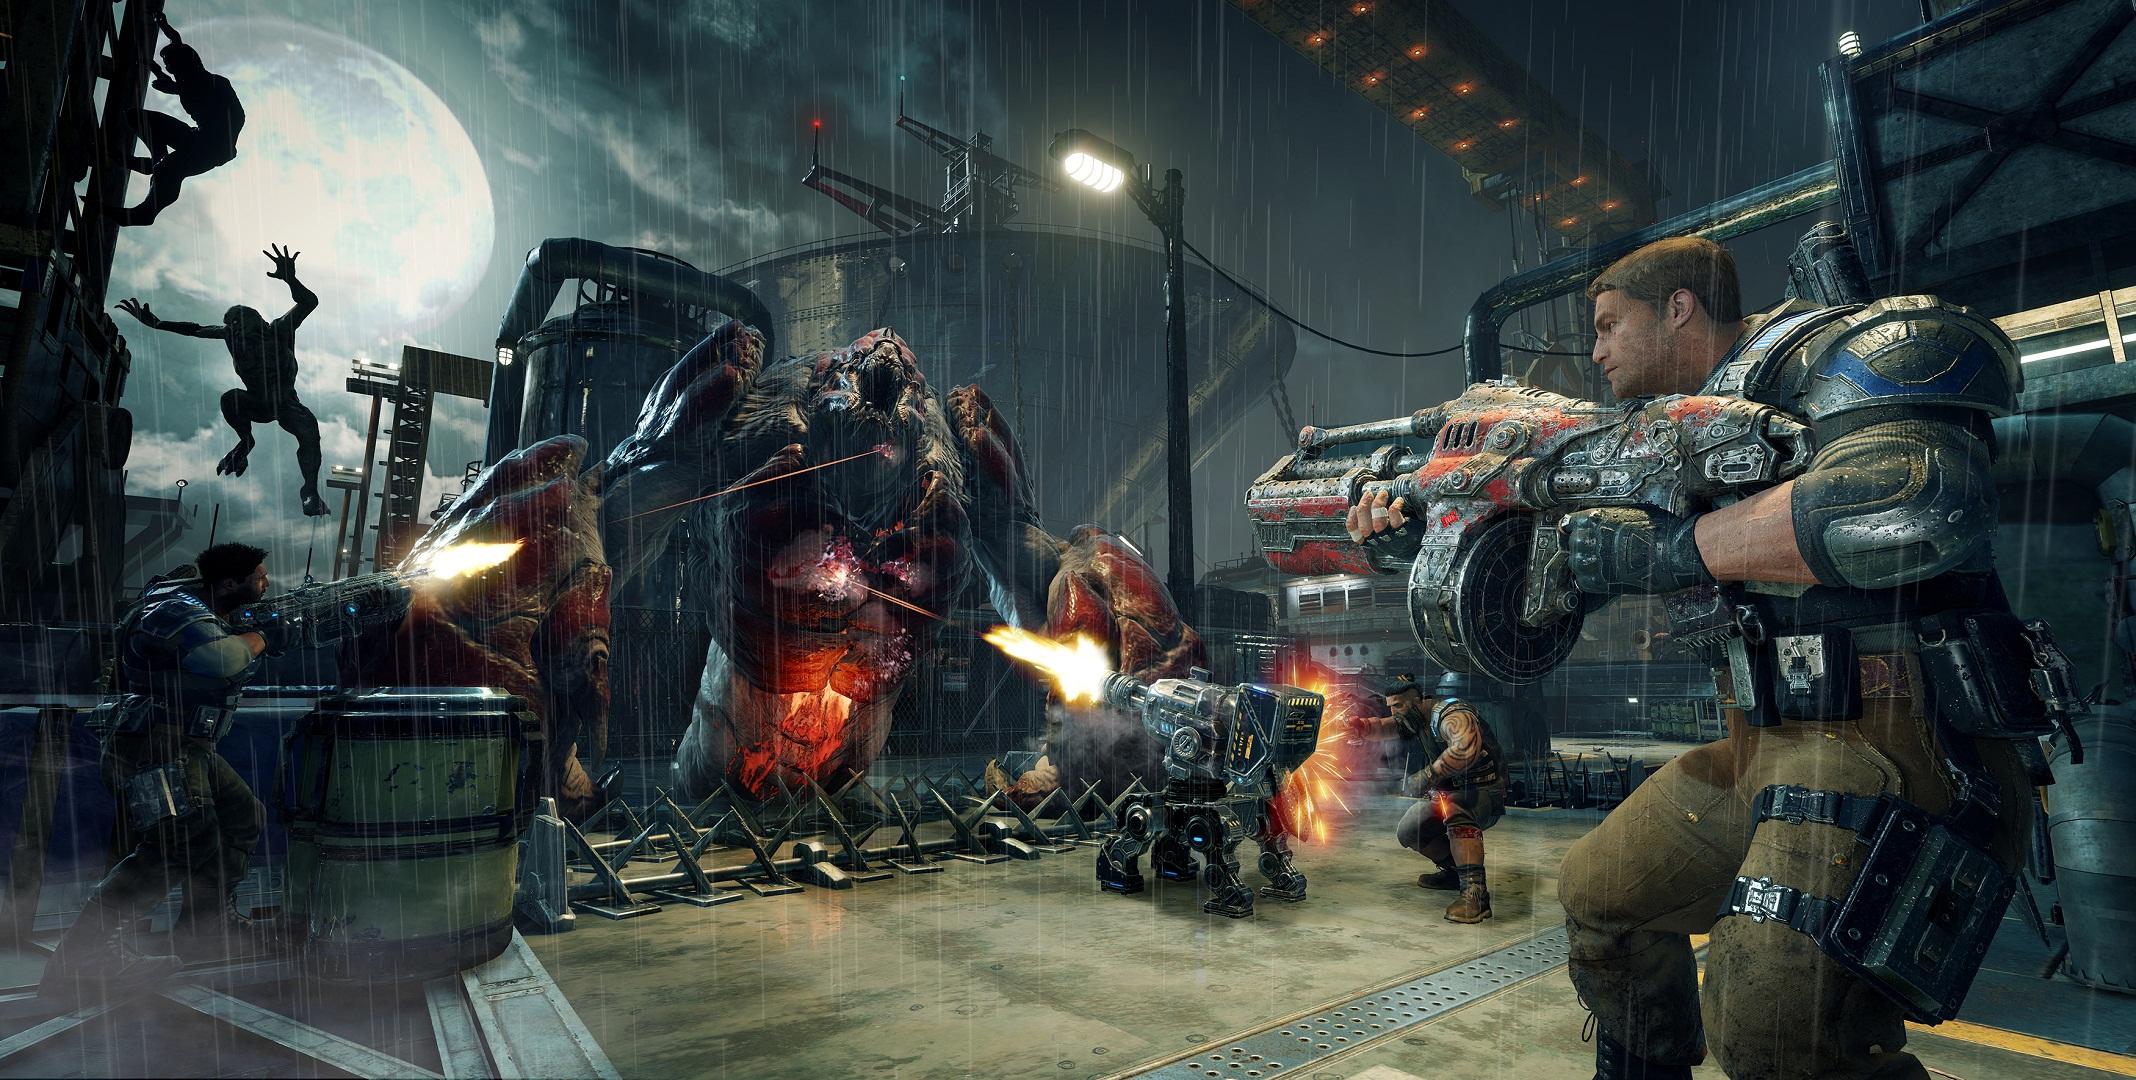 战争机器4壁纸欣赏 超精细展示疯狂屠戮场